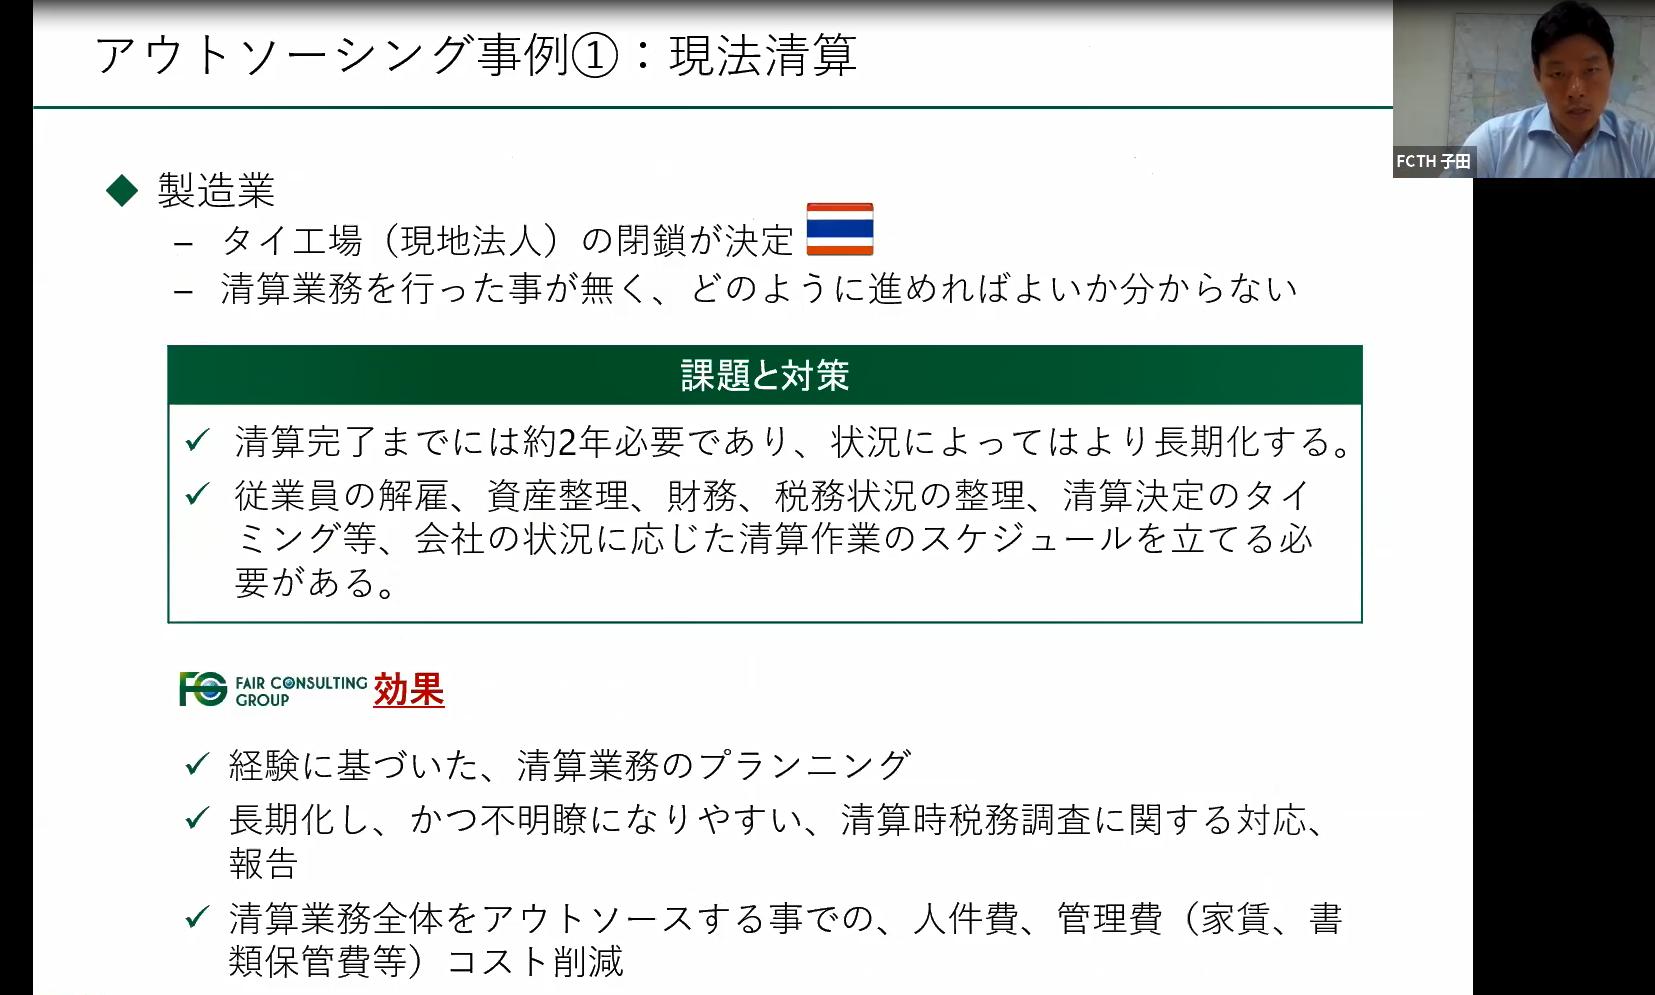 タイ現法清算の事例。長期化・複雑な清算業務はアウトソースが適している。